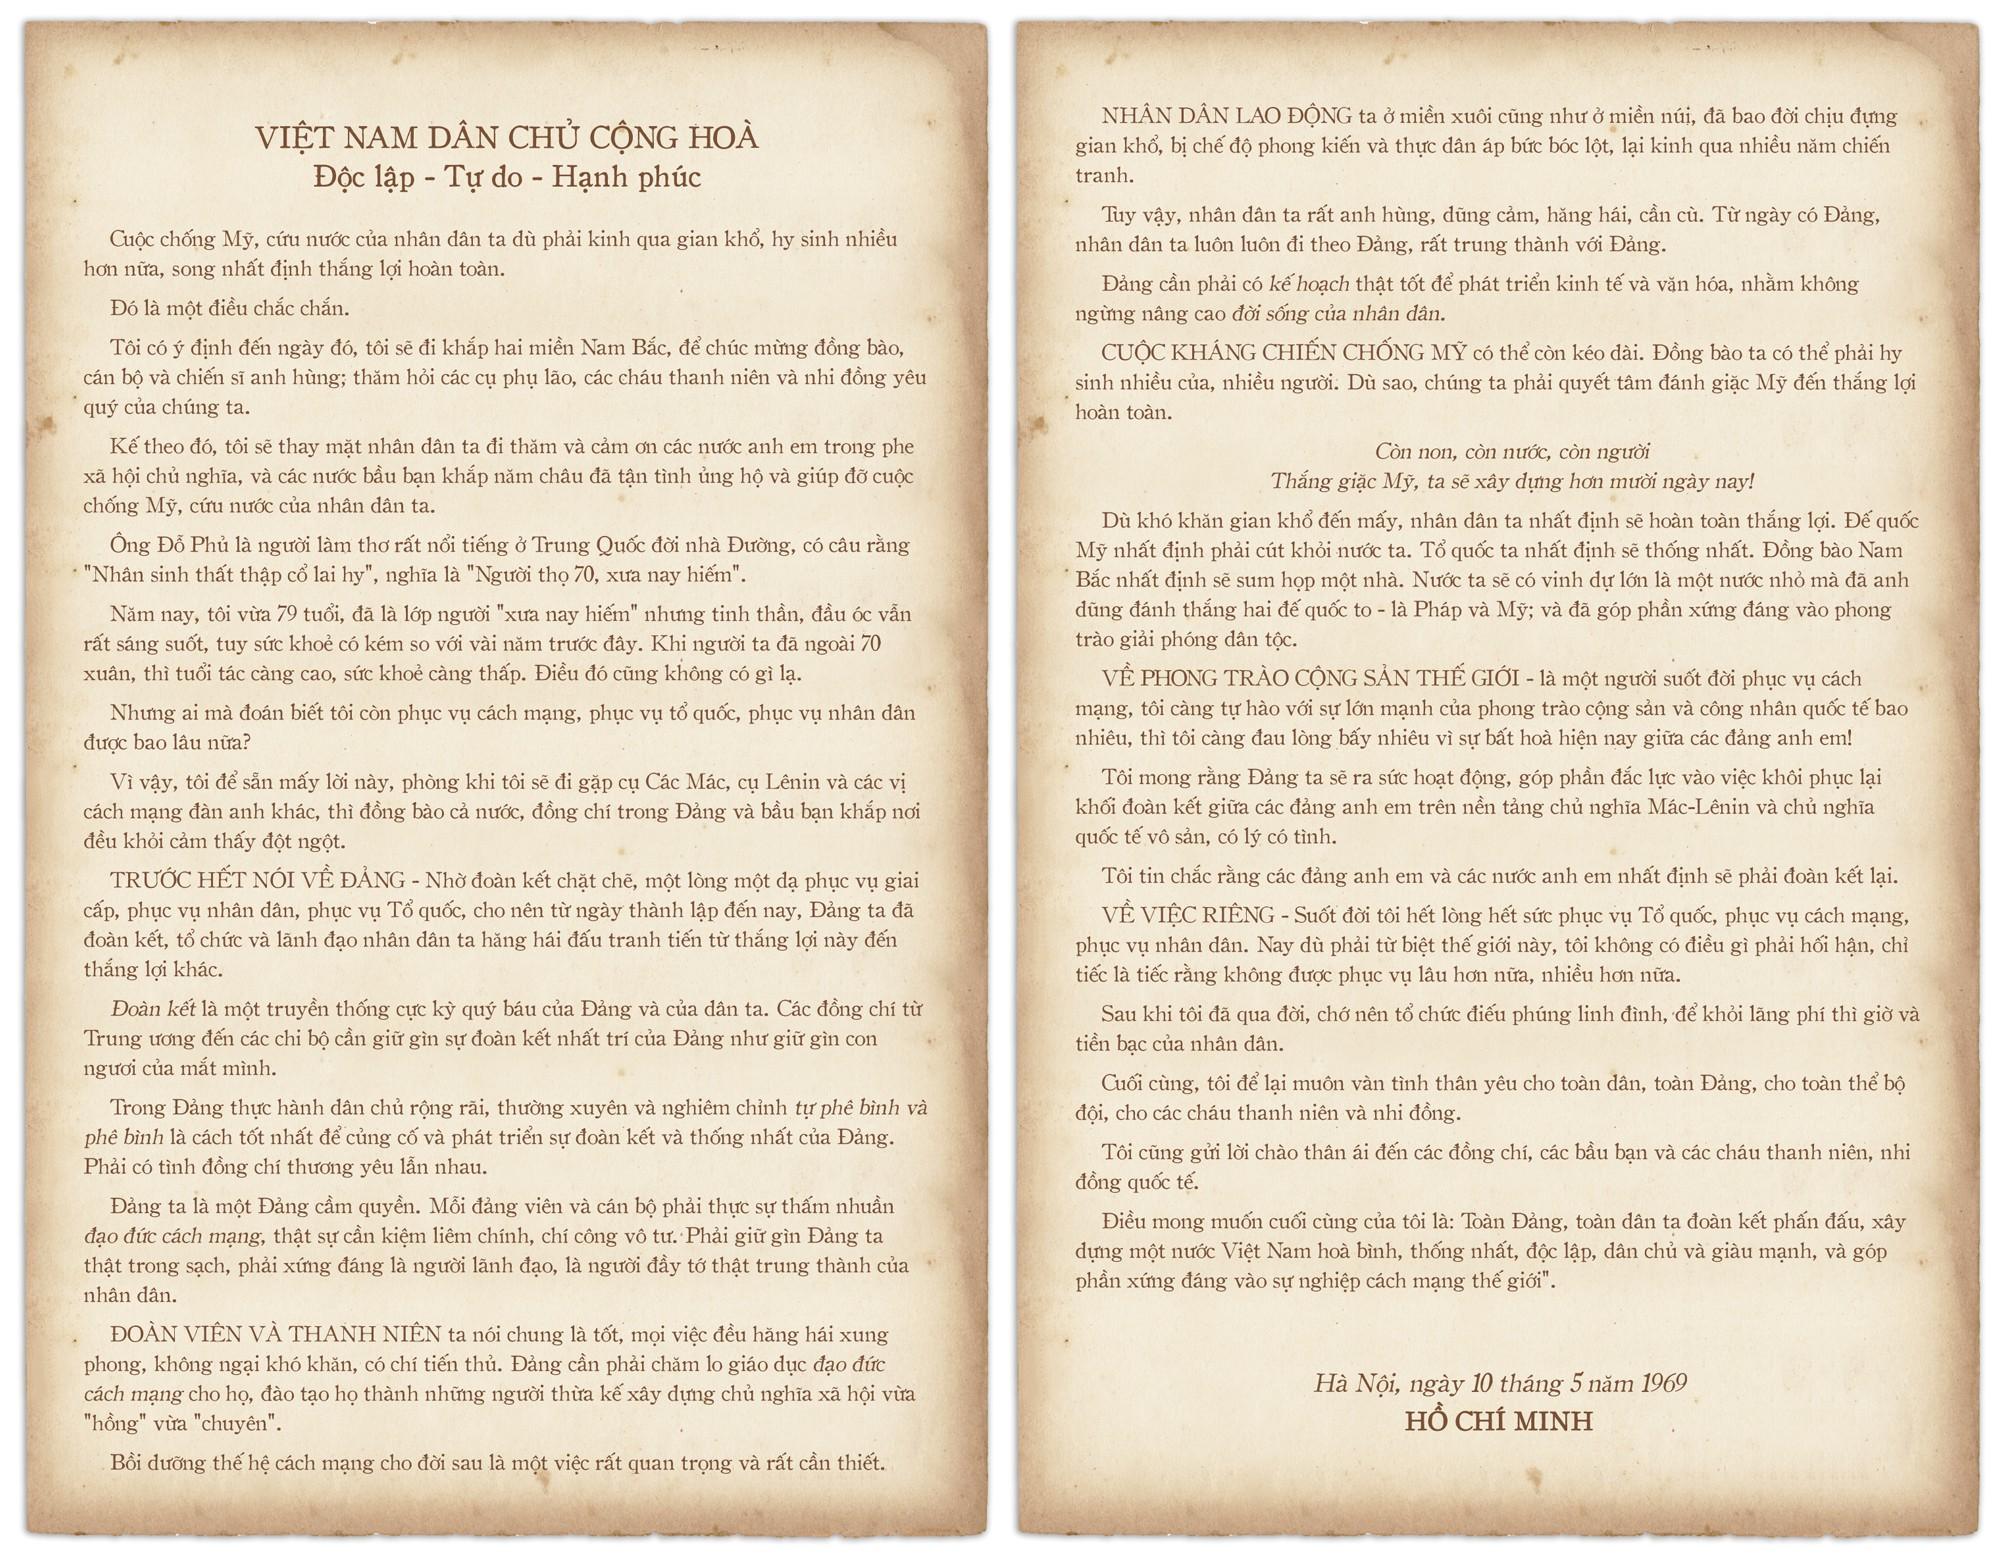 Di chúc của Chủ tịch Hồ Chí Minh: Như ngọn đuốc soi đường cho dân tộc - Ảnh 15.